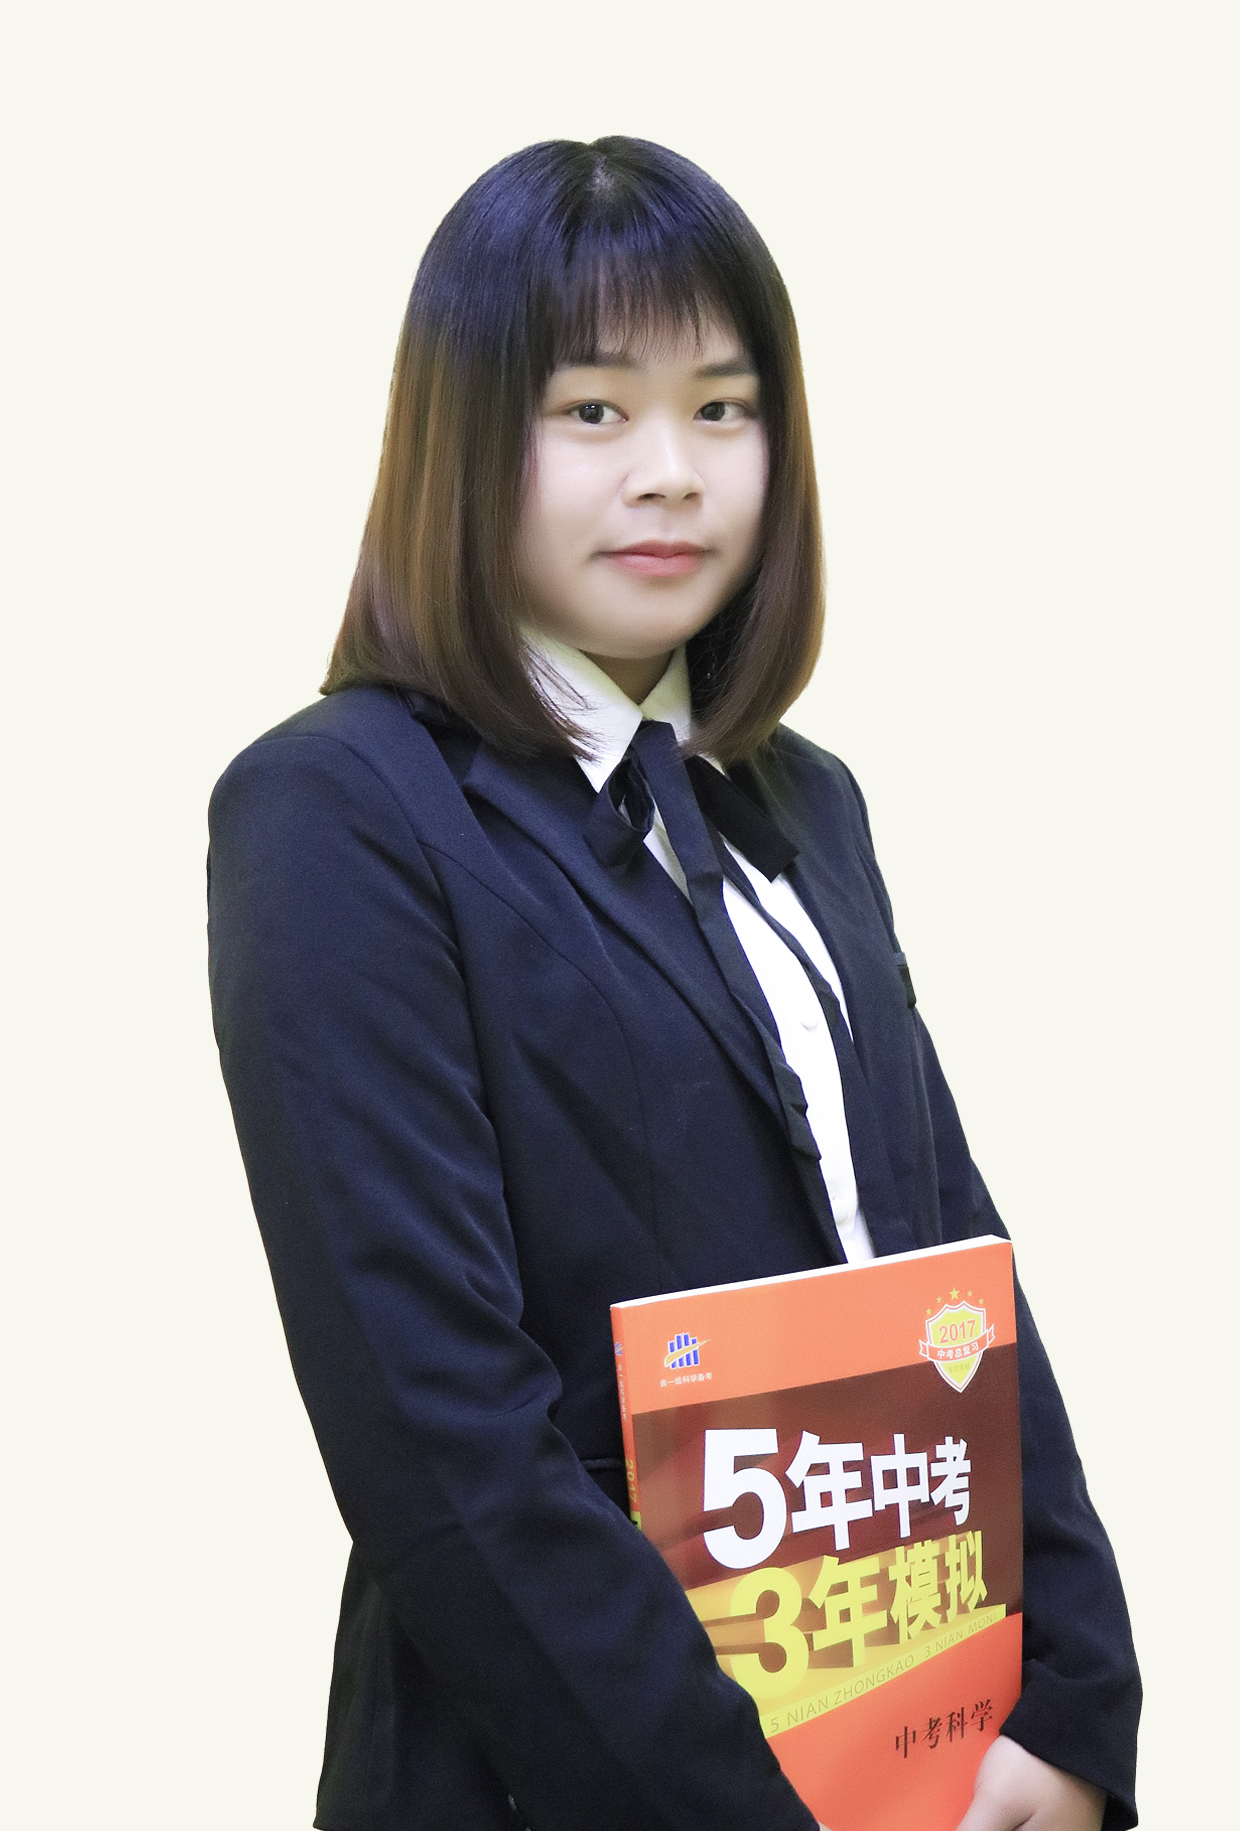 绍兴初中物理教师江春燕